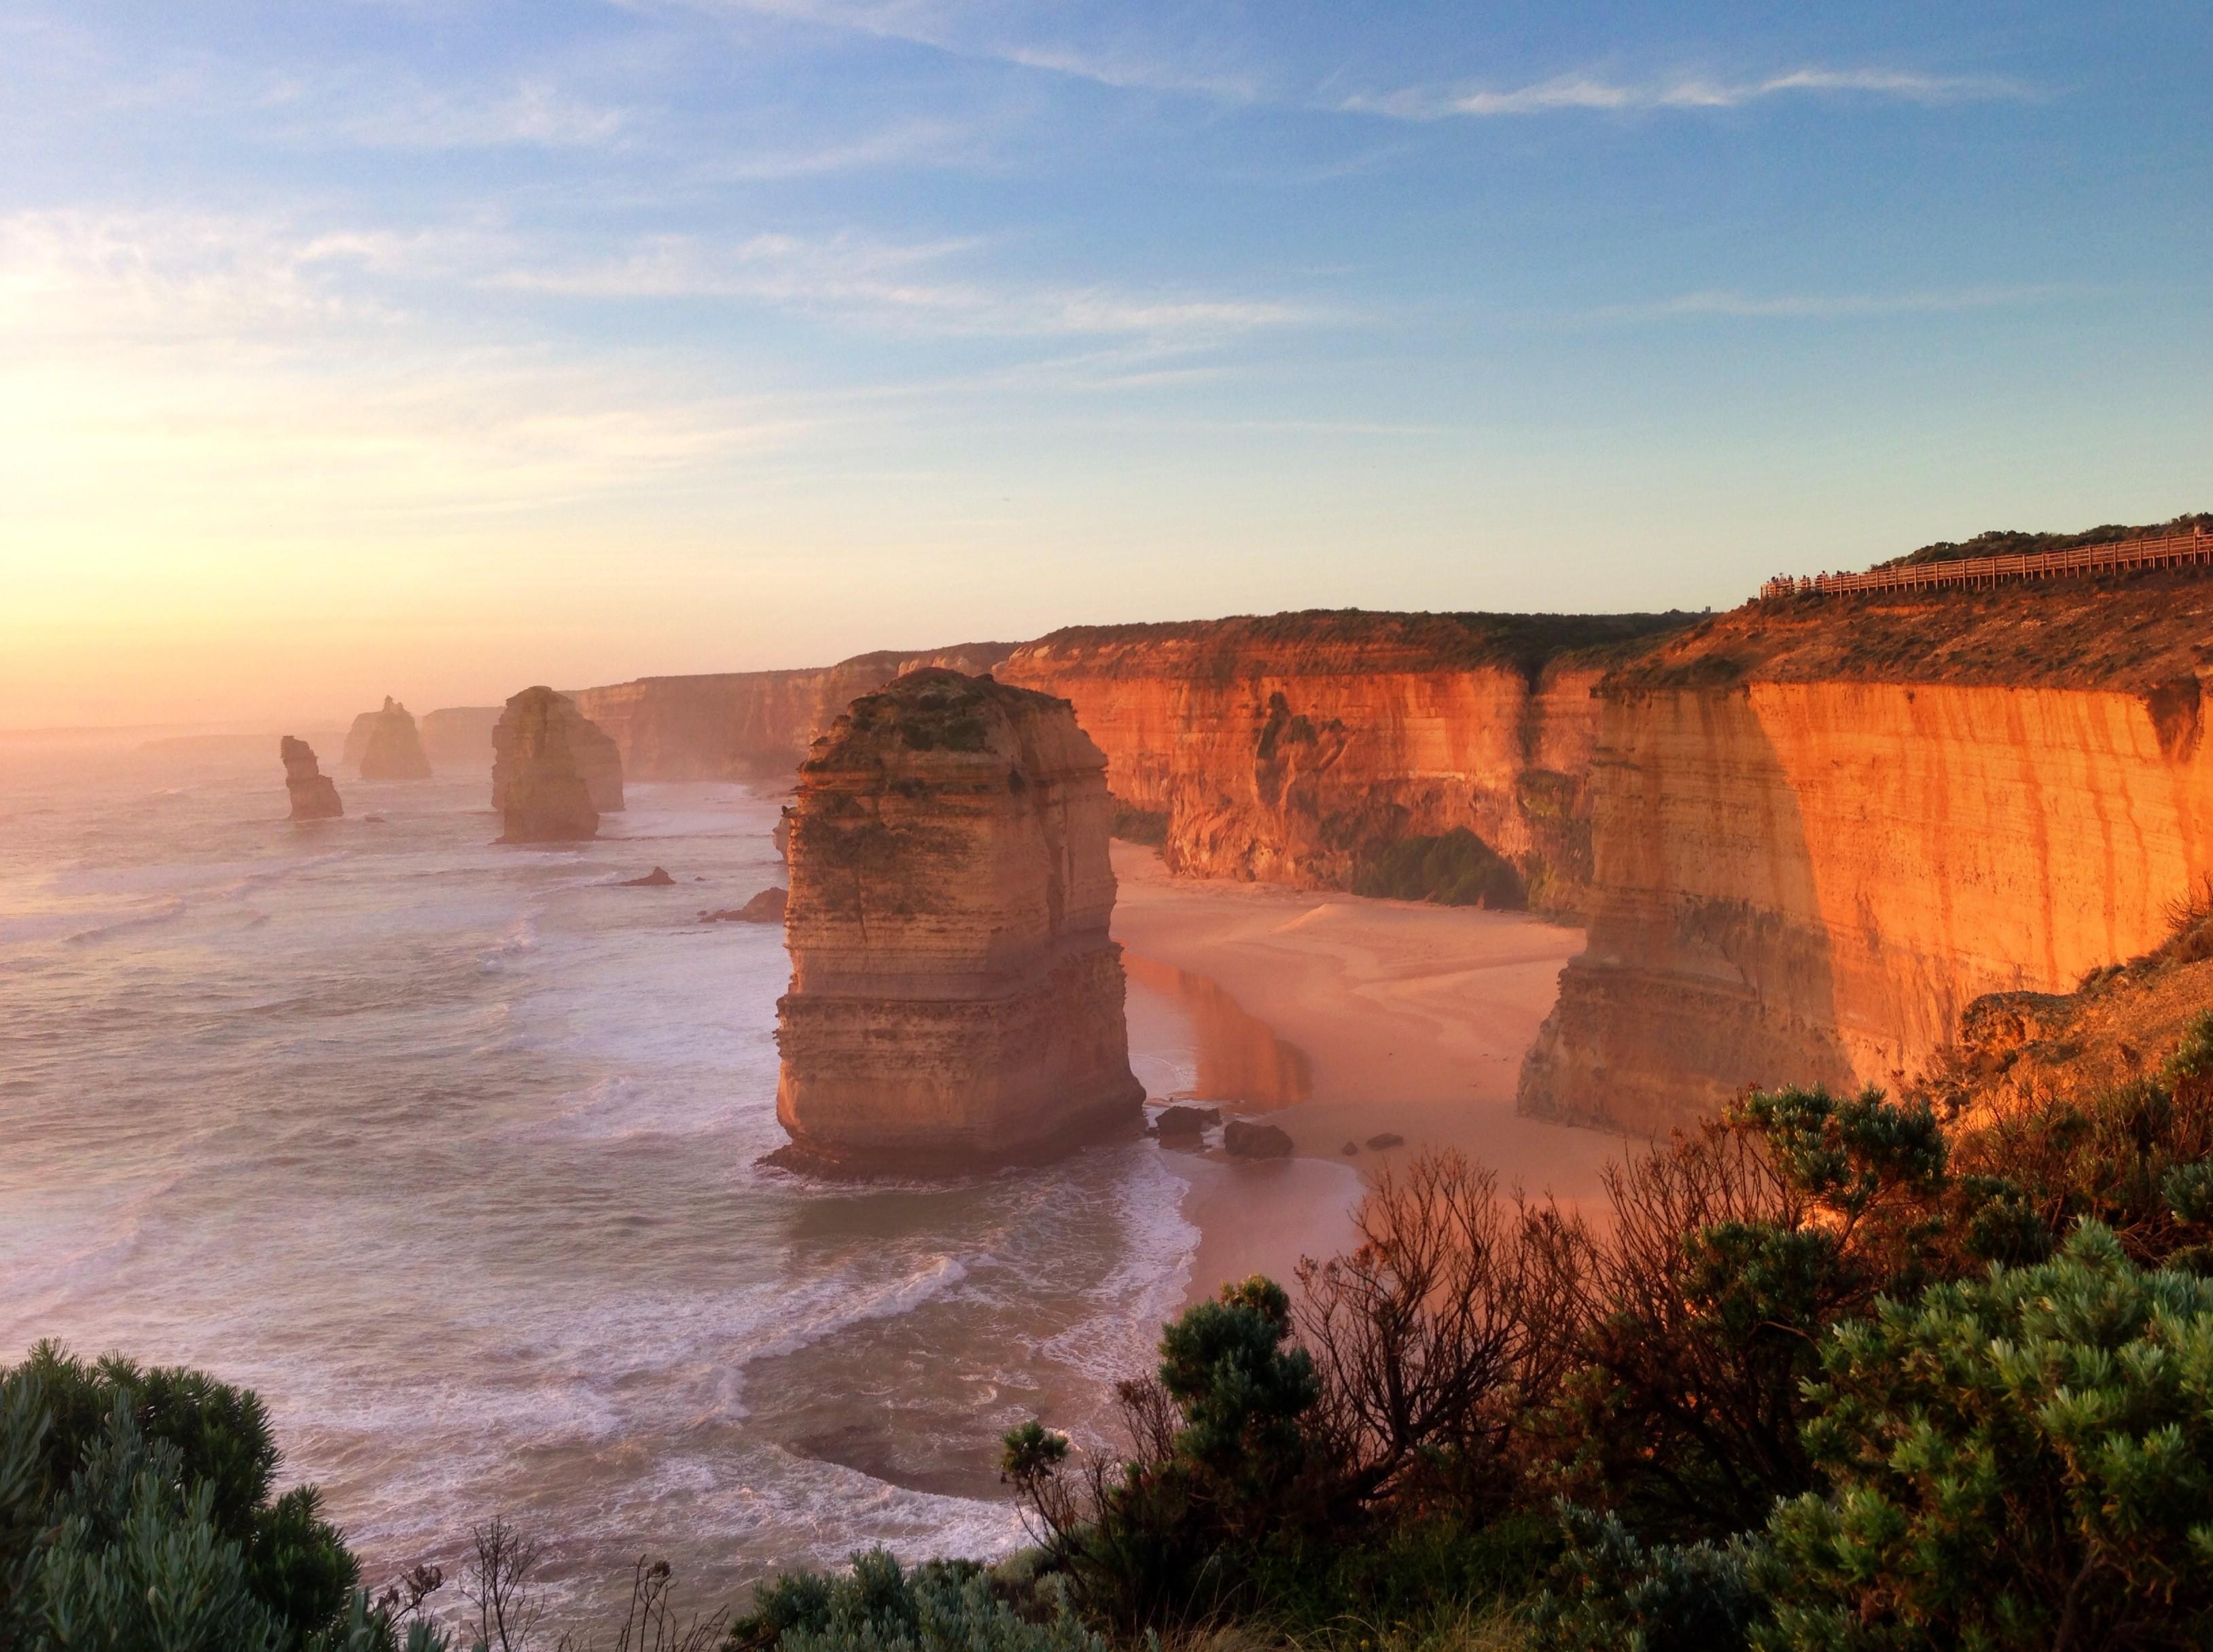 австралия картинки фото отзывы открытка